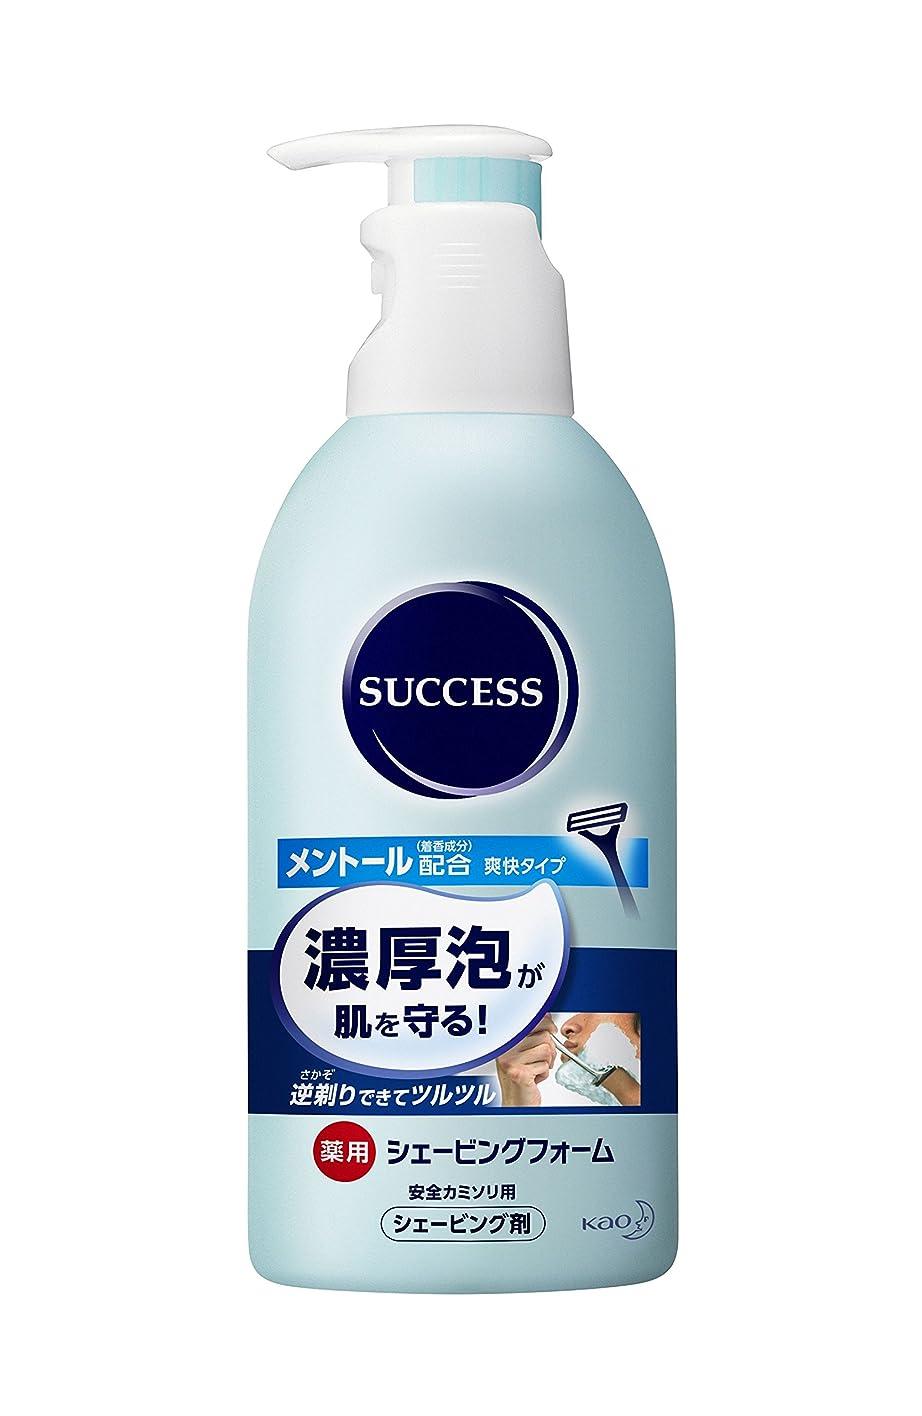 頑張る緑ウィスキーサクセス薬用シェービングフォーム 250g [医薬部外品]